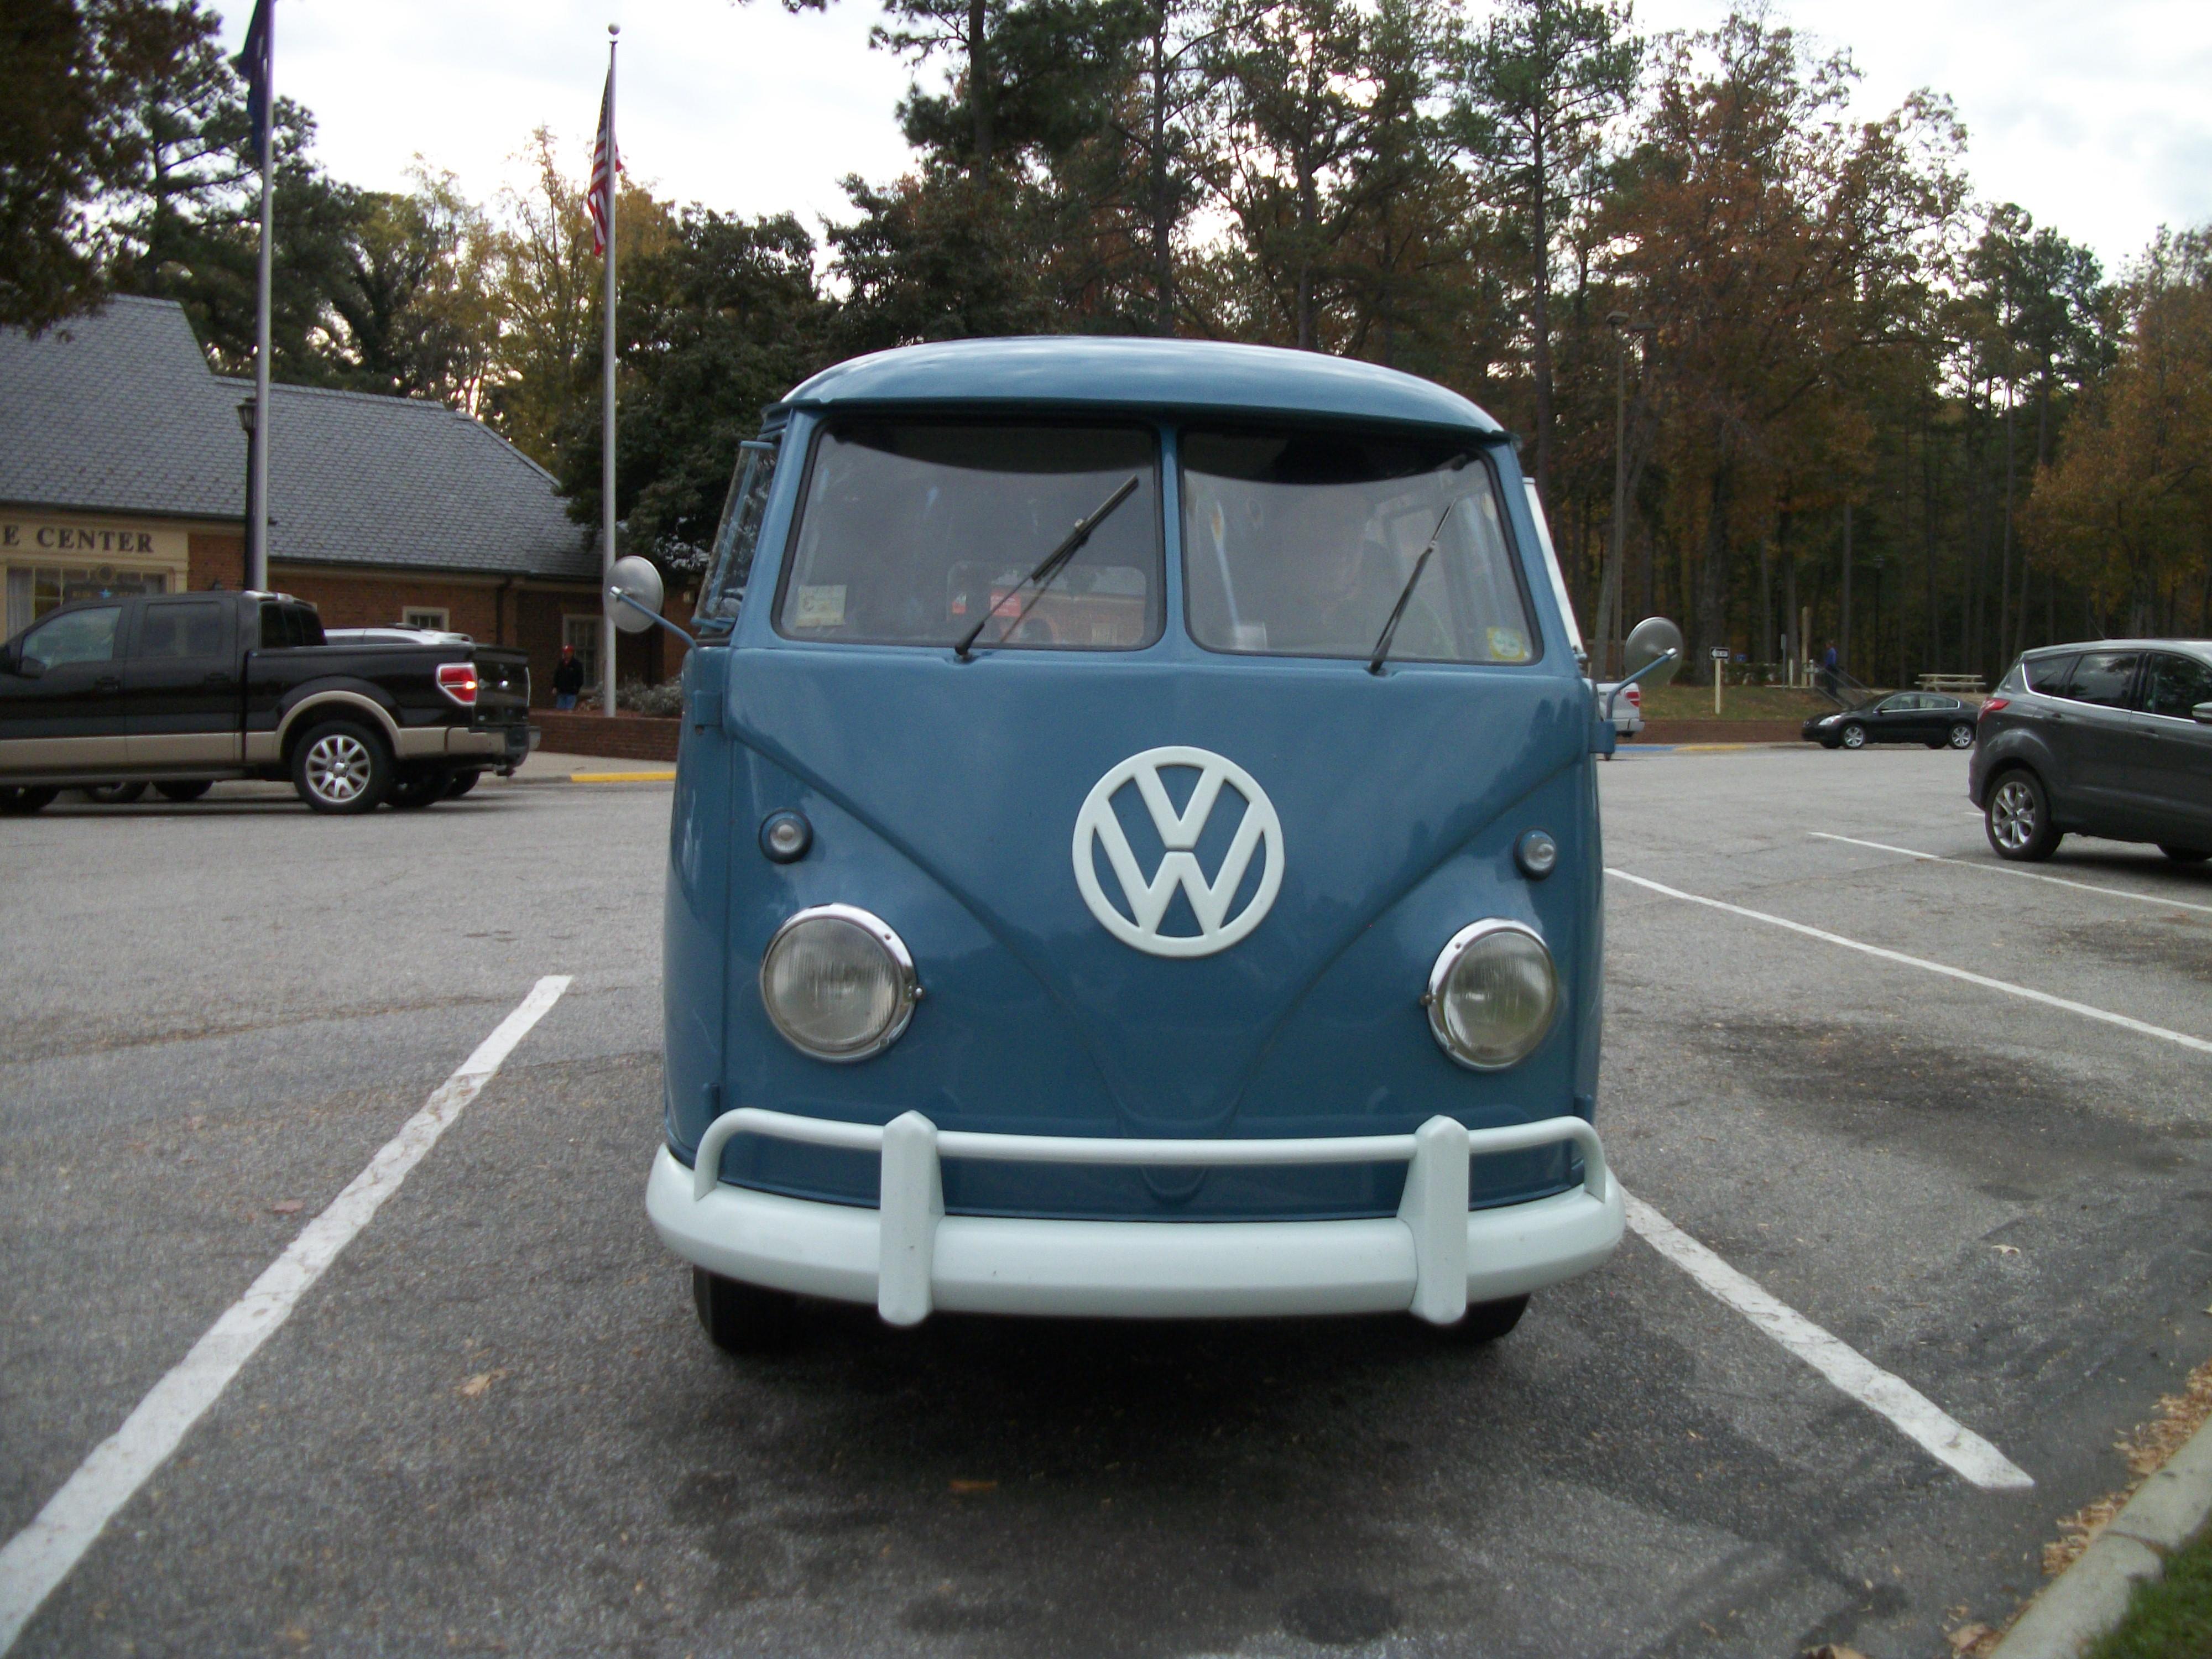 File:1960 VW Bus @ NB I-95 VA Welcome Center-1.JPG - Wikimedia Commons